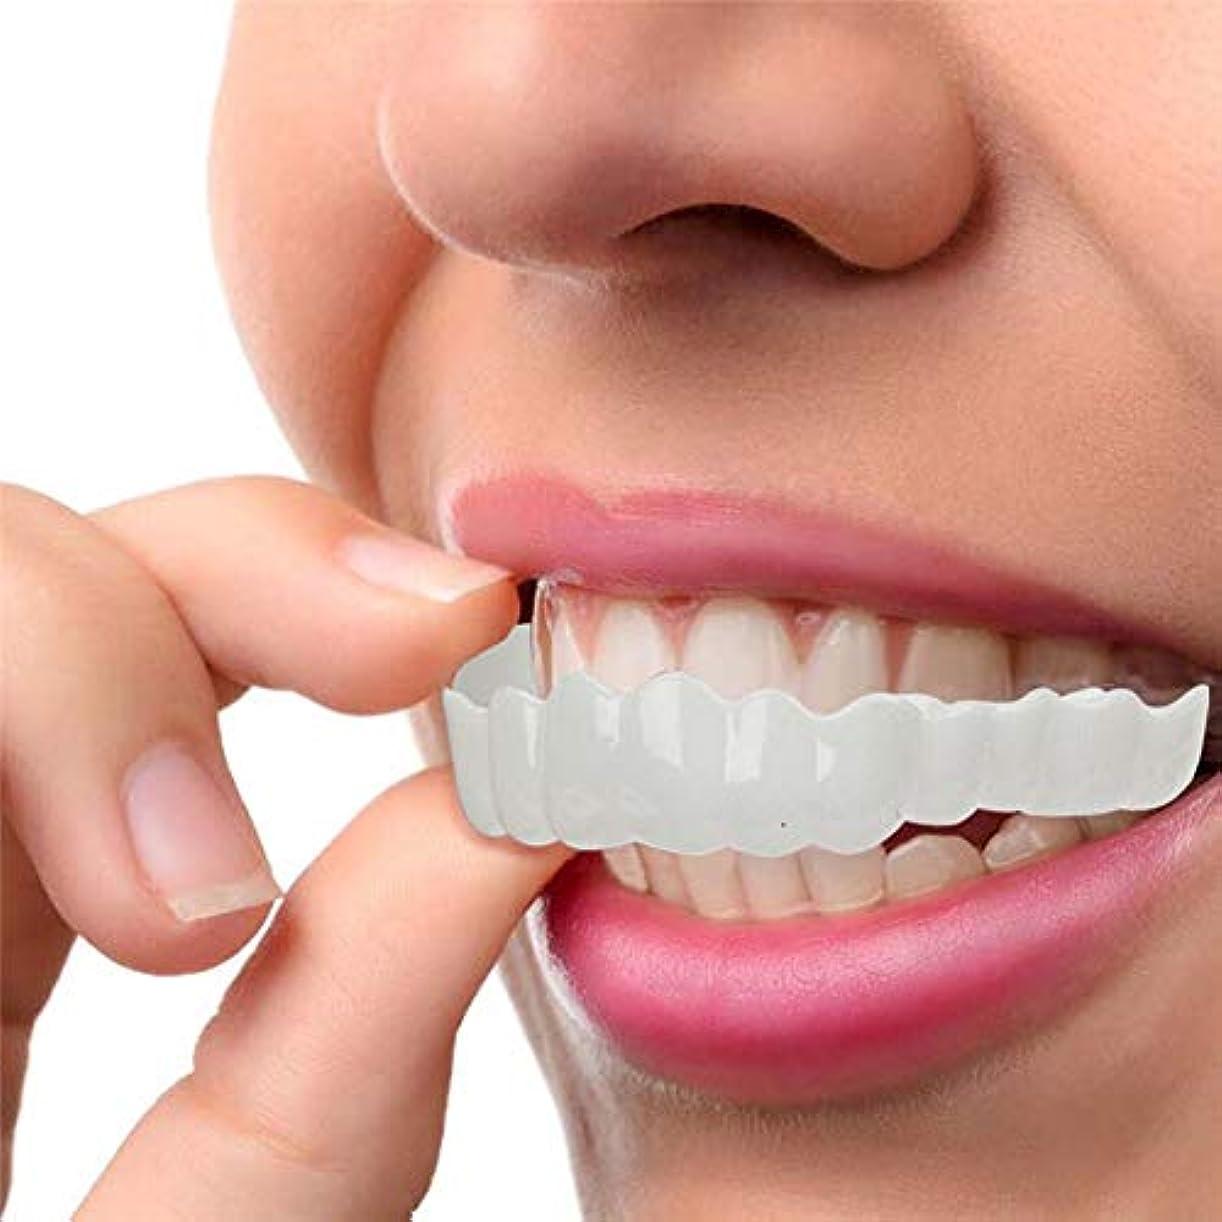 オールとんでもない上に化粧品の歯、白い歯をきれいにするコンフォートフィットフレックス歯ソケット、超快適、快適なフィット感、3セット